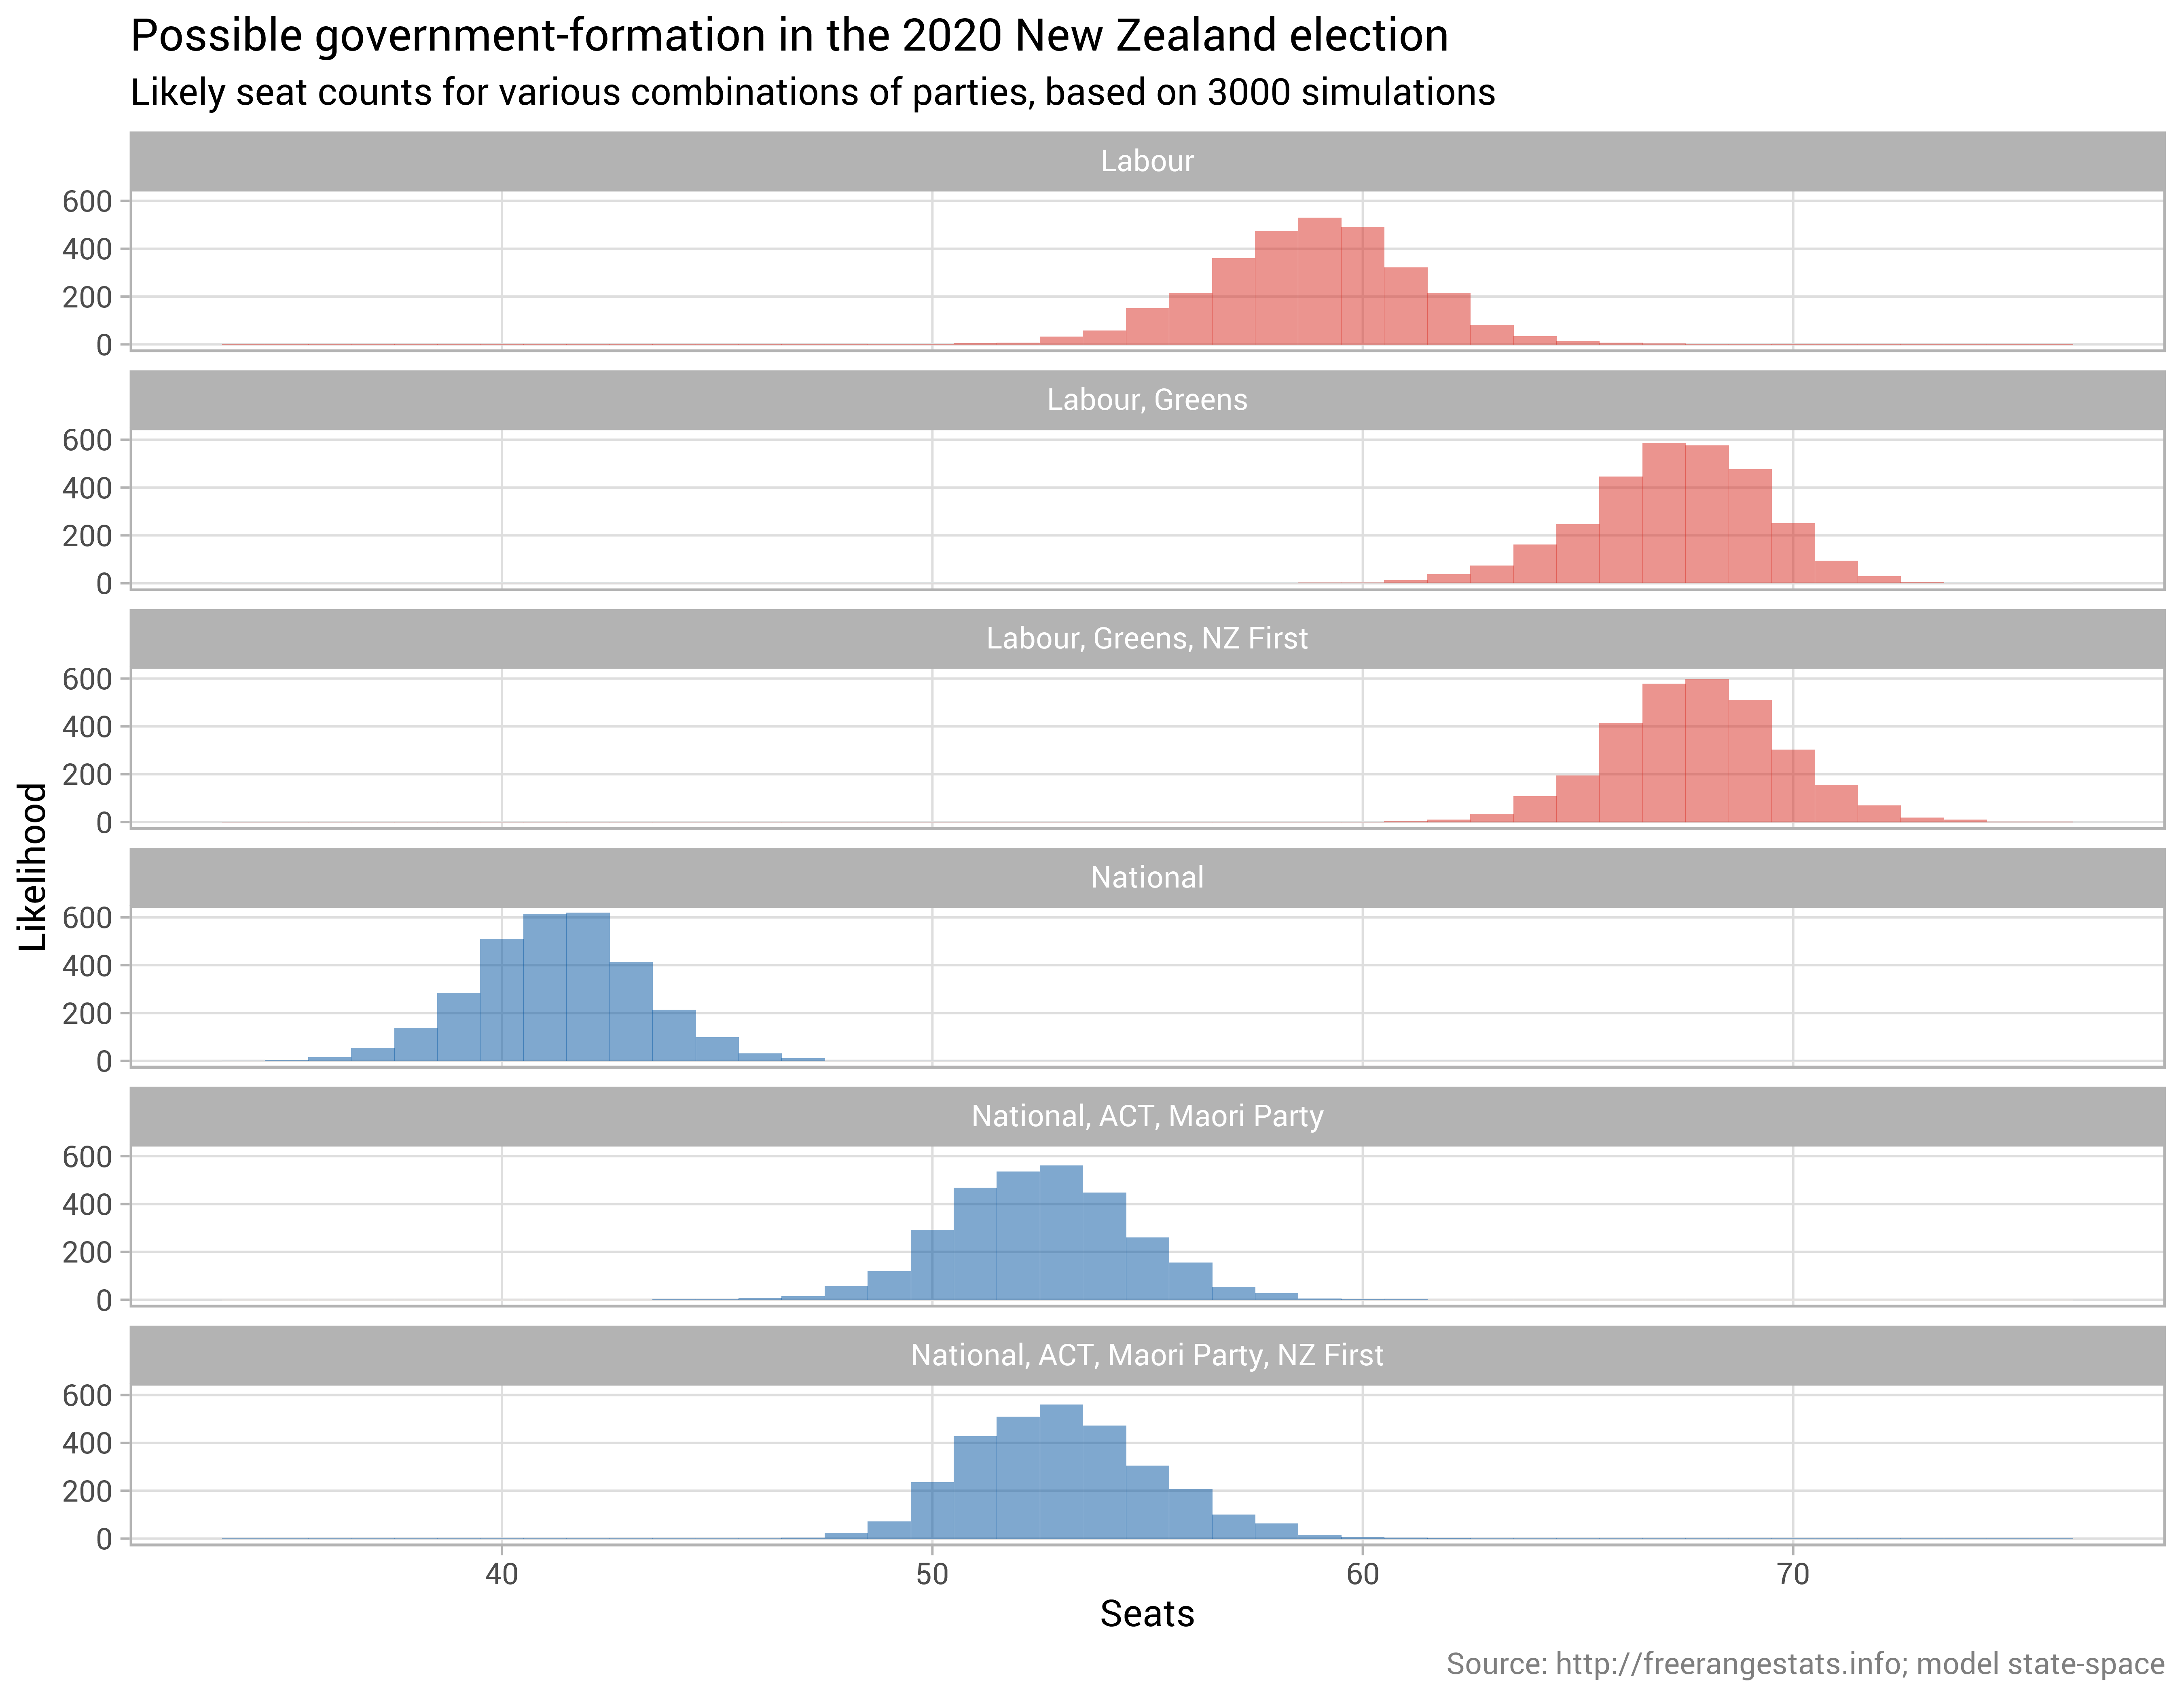 @ellis2013nz使用R和Stan对2020年新西兰选举的预测